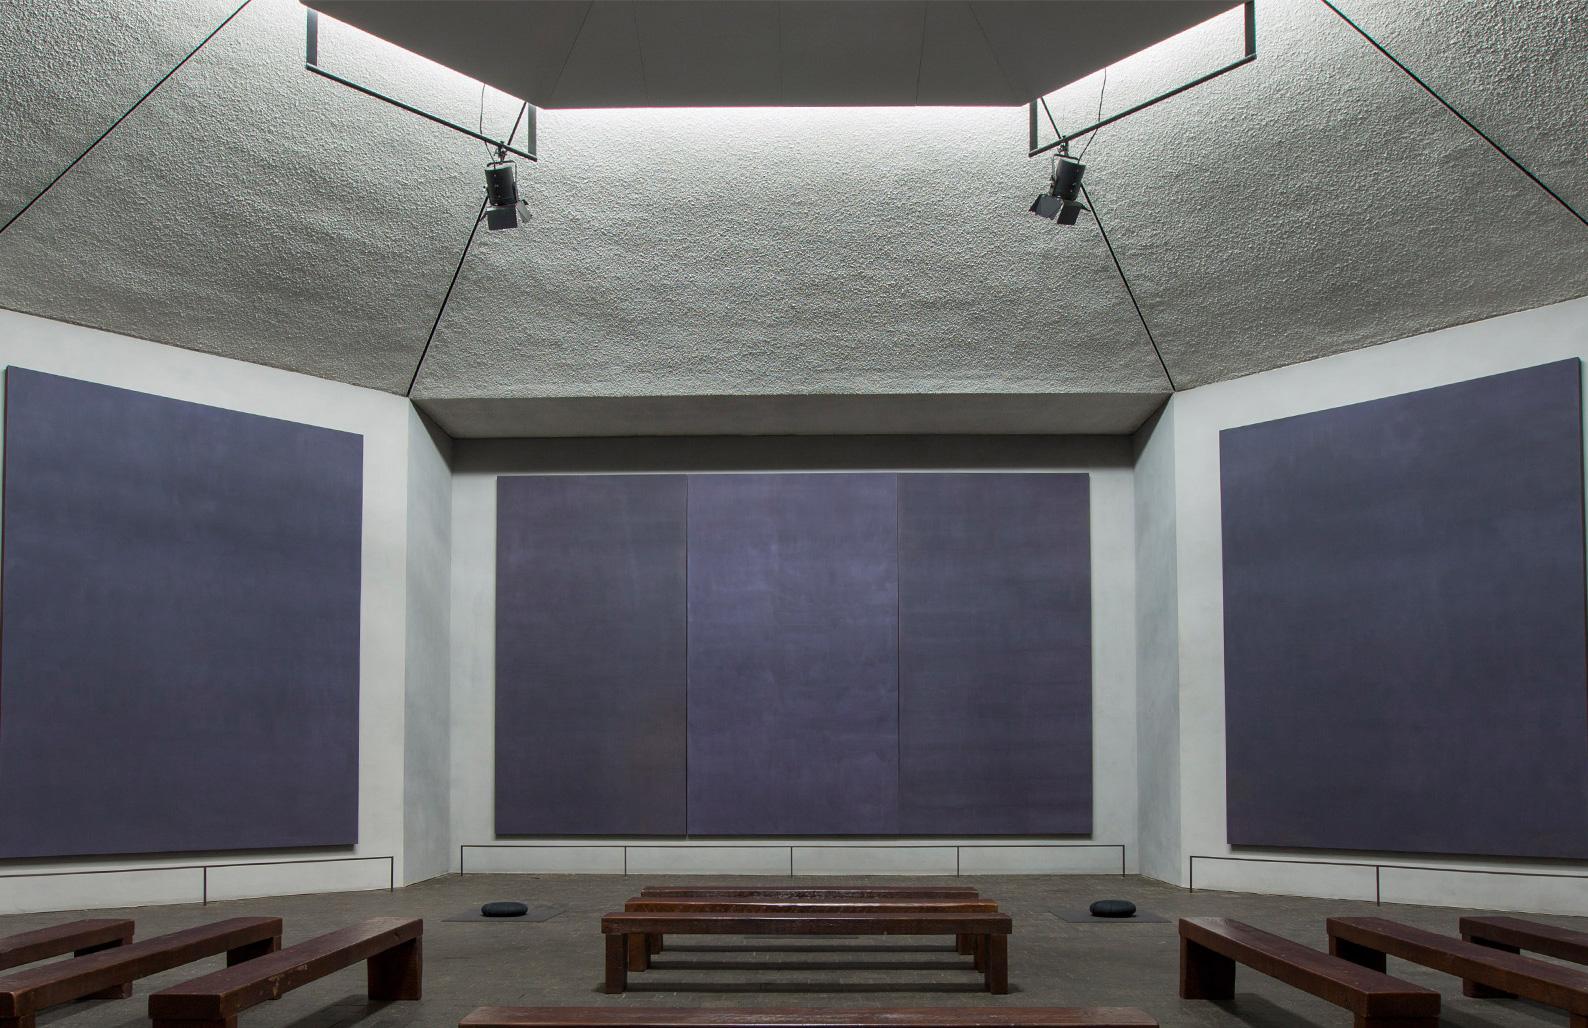 Rothko Chapel interior